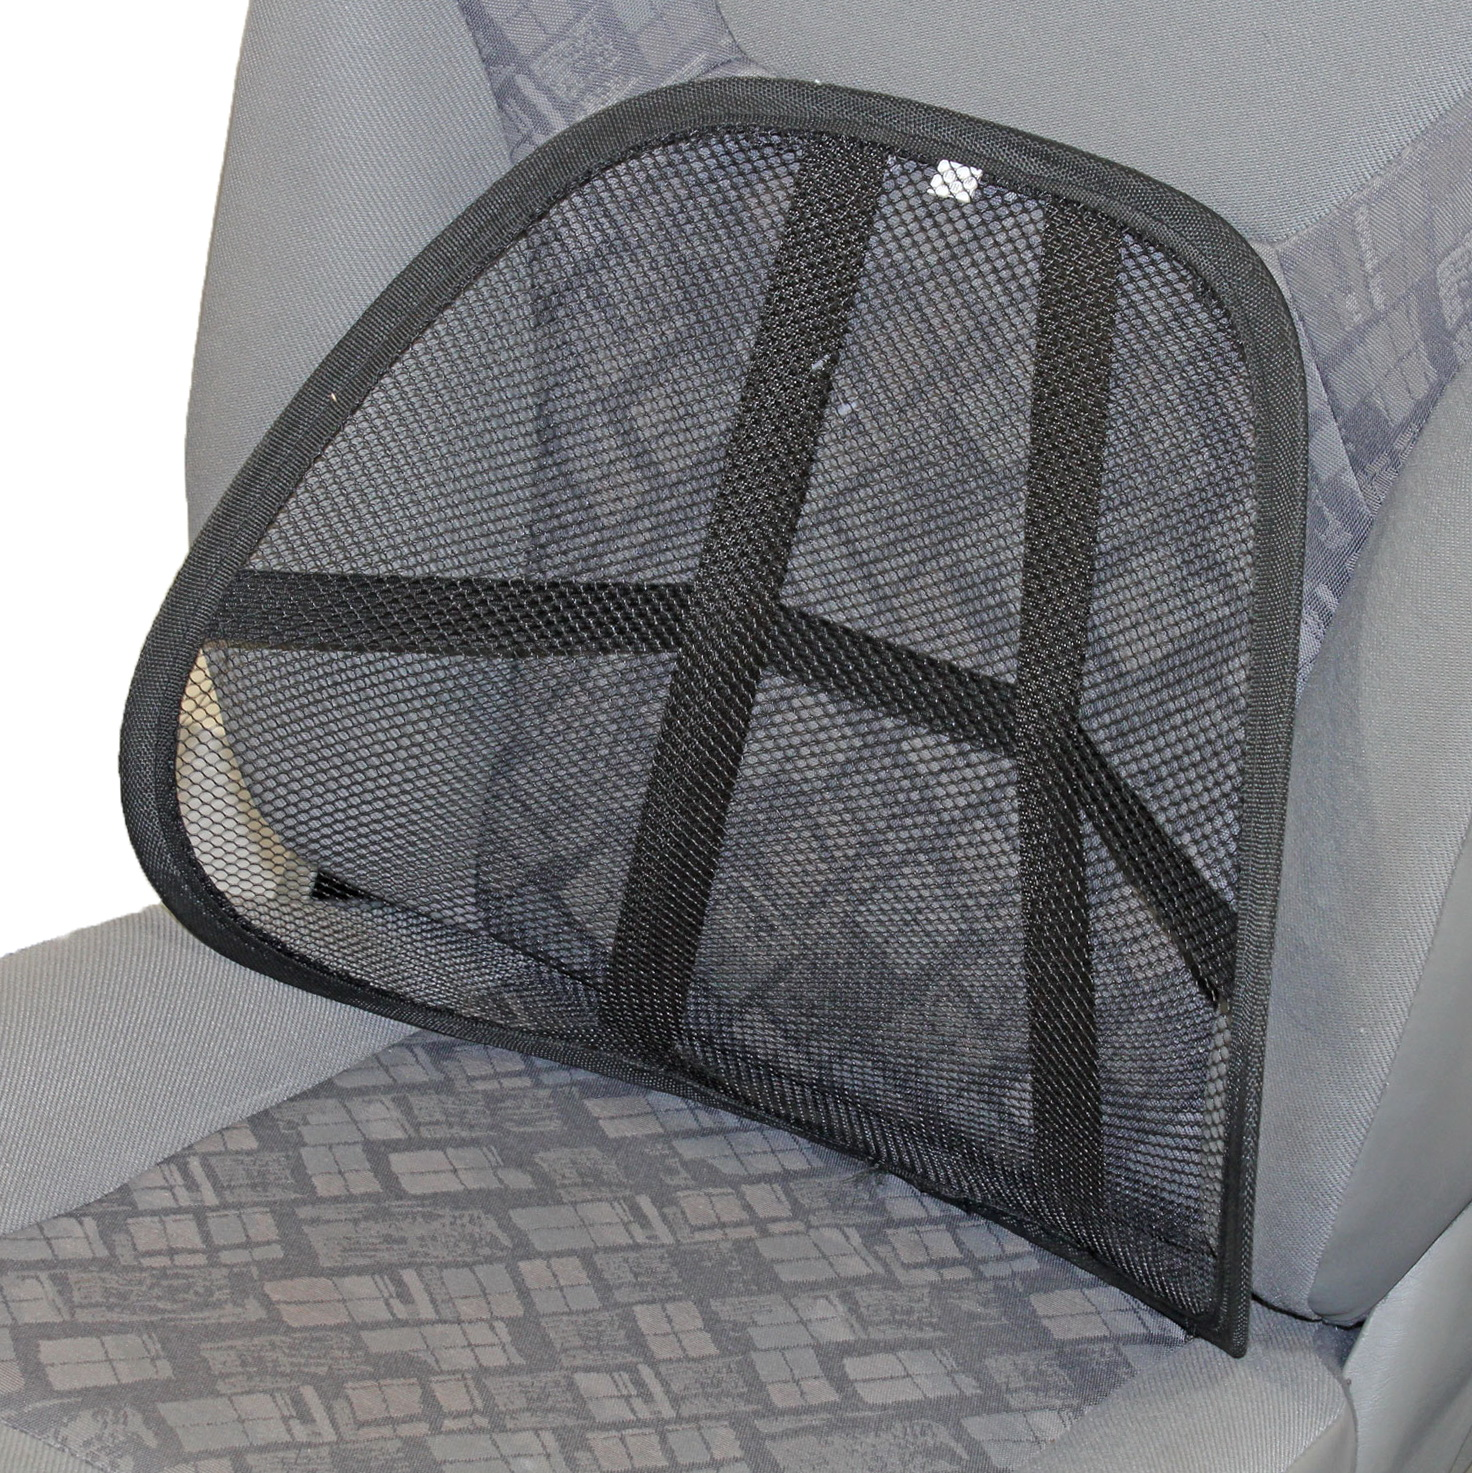 Portable Lumbar Seat Cushion Home Design Ideas